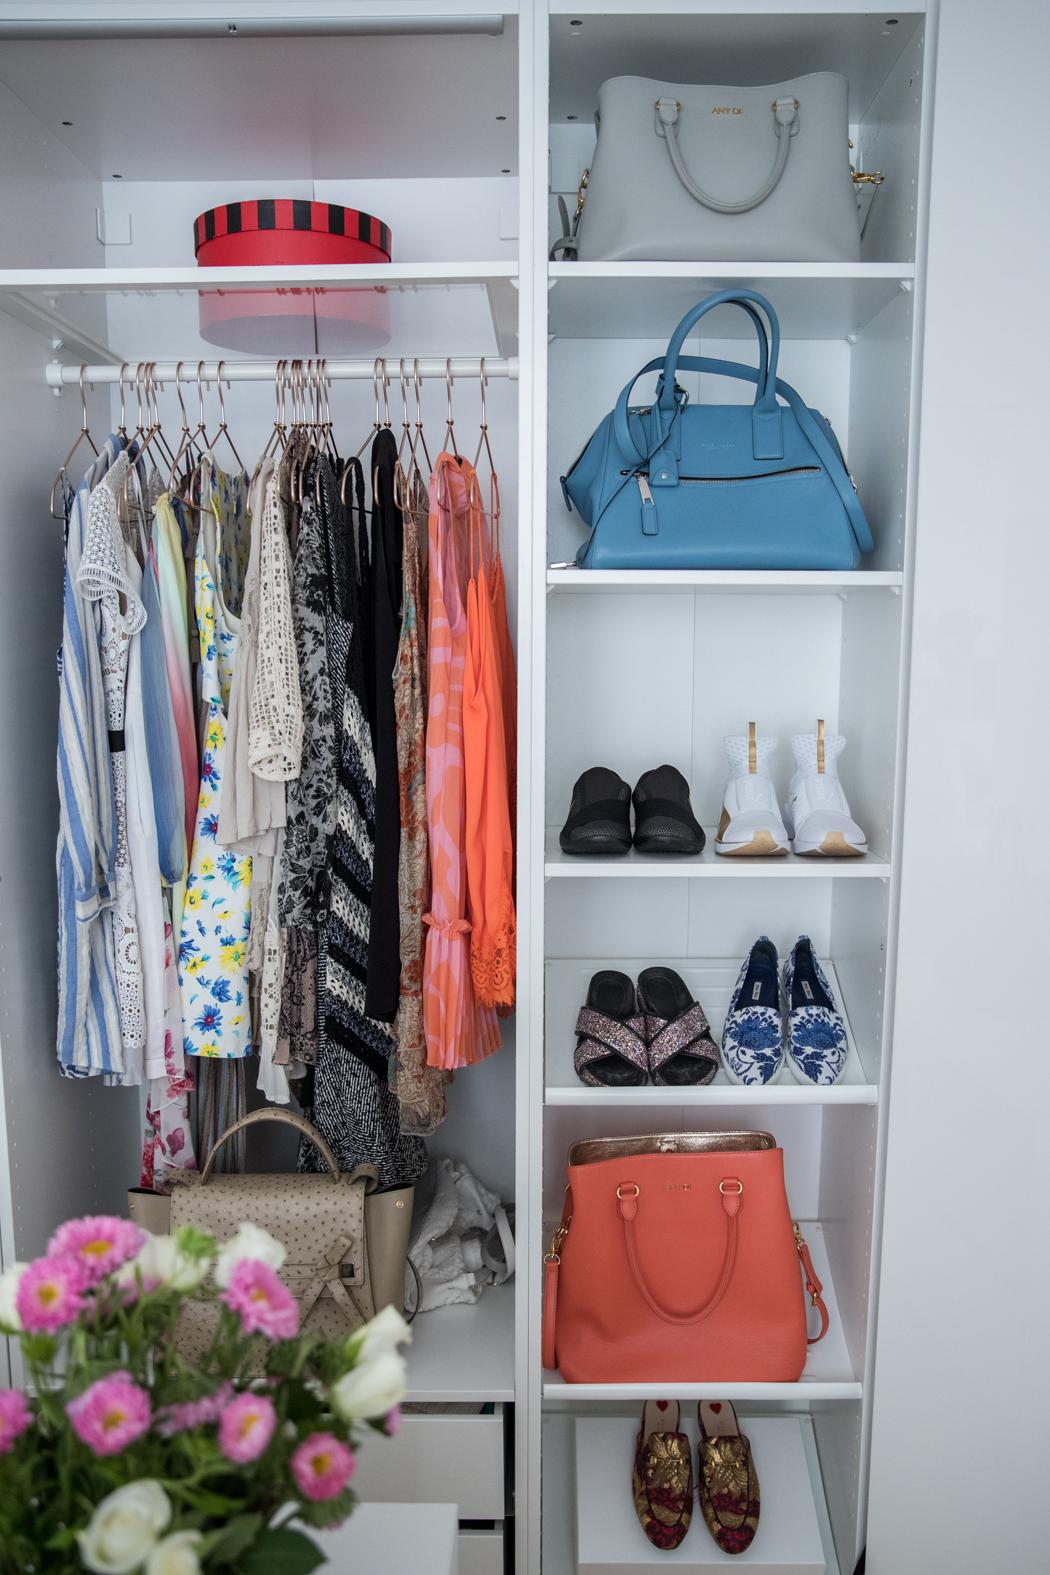 Lifestyle-Lifestyleblog-Blog-Blogger-Muenchen-Deutschland-Interior-Interieur-Schlafzimmer-begehbarer_Kleiderschrank-Lindarella-Schlafzimmer-Ankleidezimmer-5